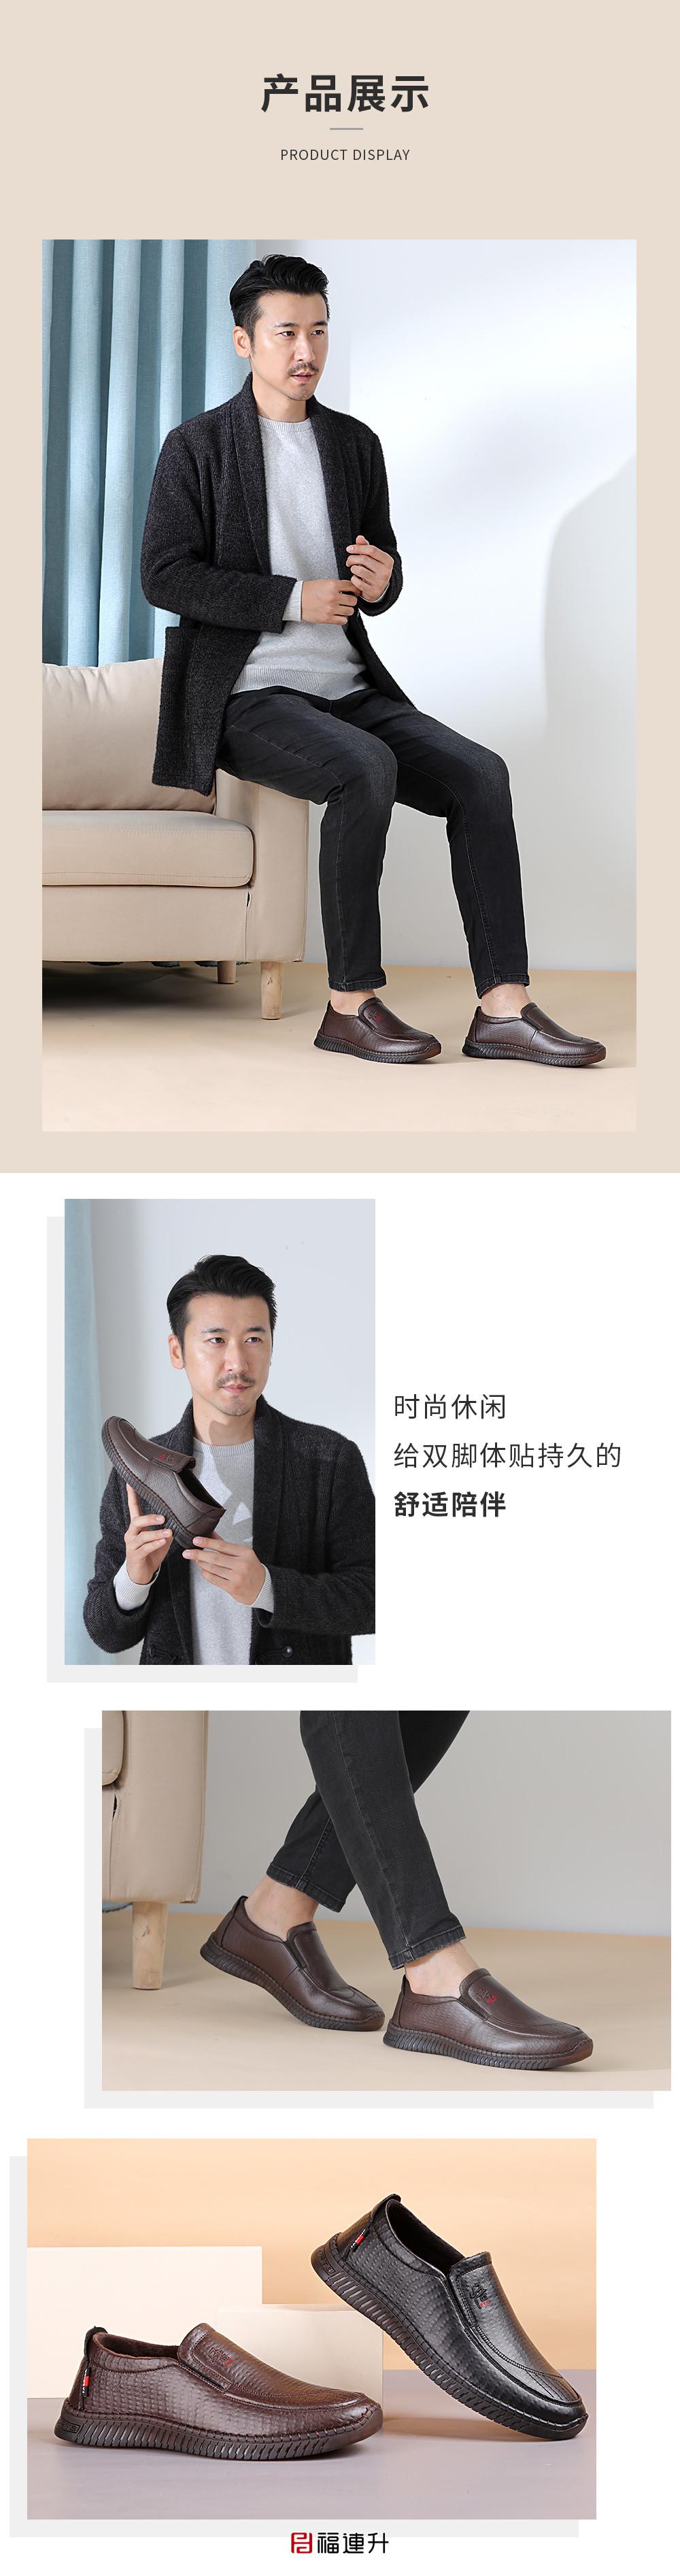 福连升2020冬季新款男一脚蹬舒适休闲手缝鞋图片